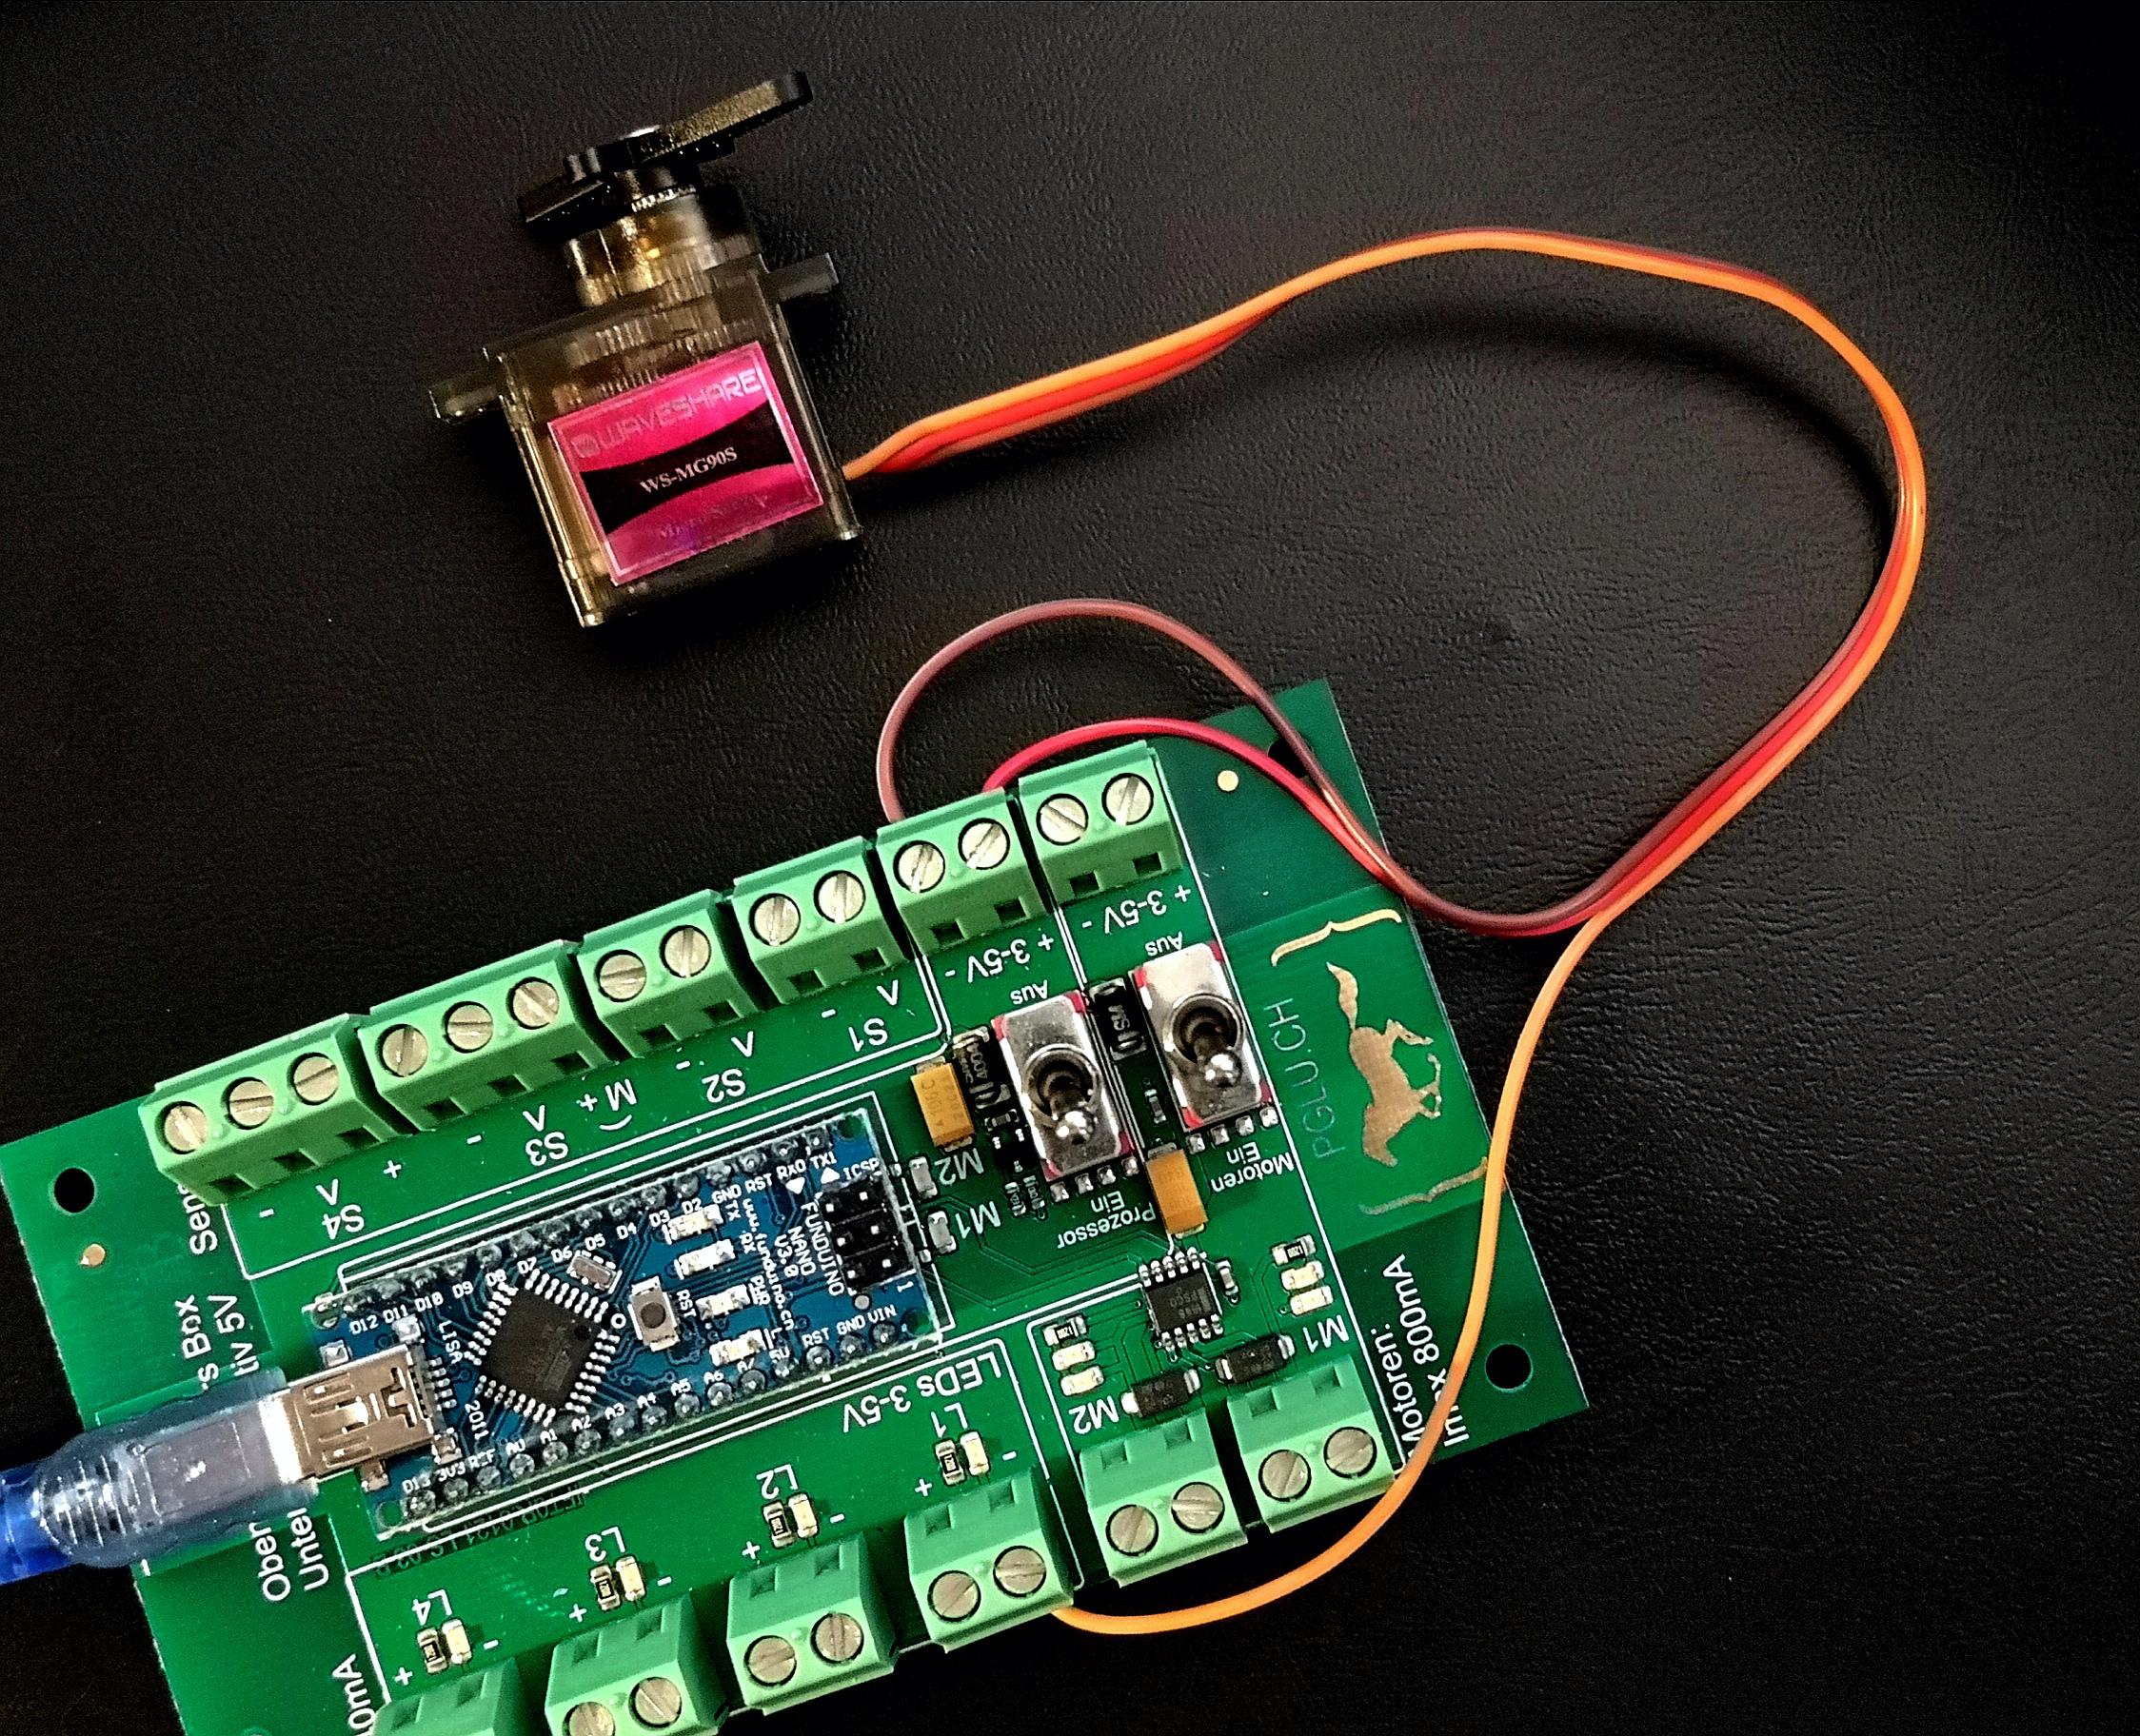 Preview image for LOM object Arduino Experimente mit Bewegung - Das Servo